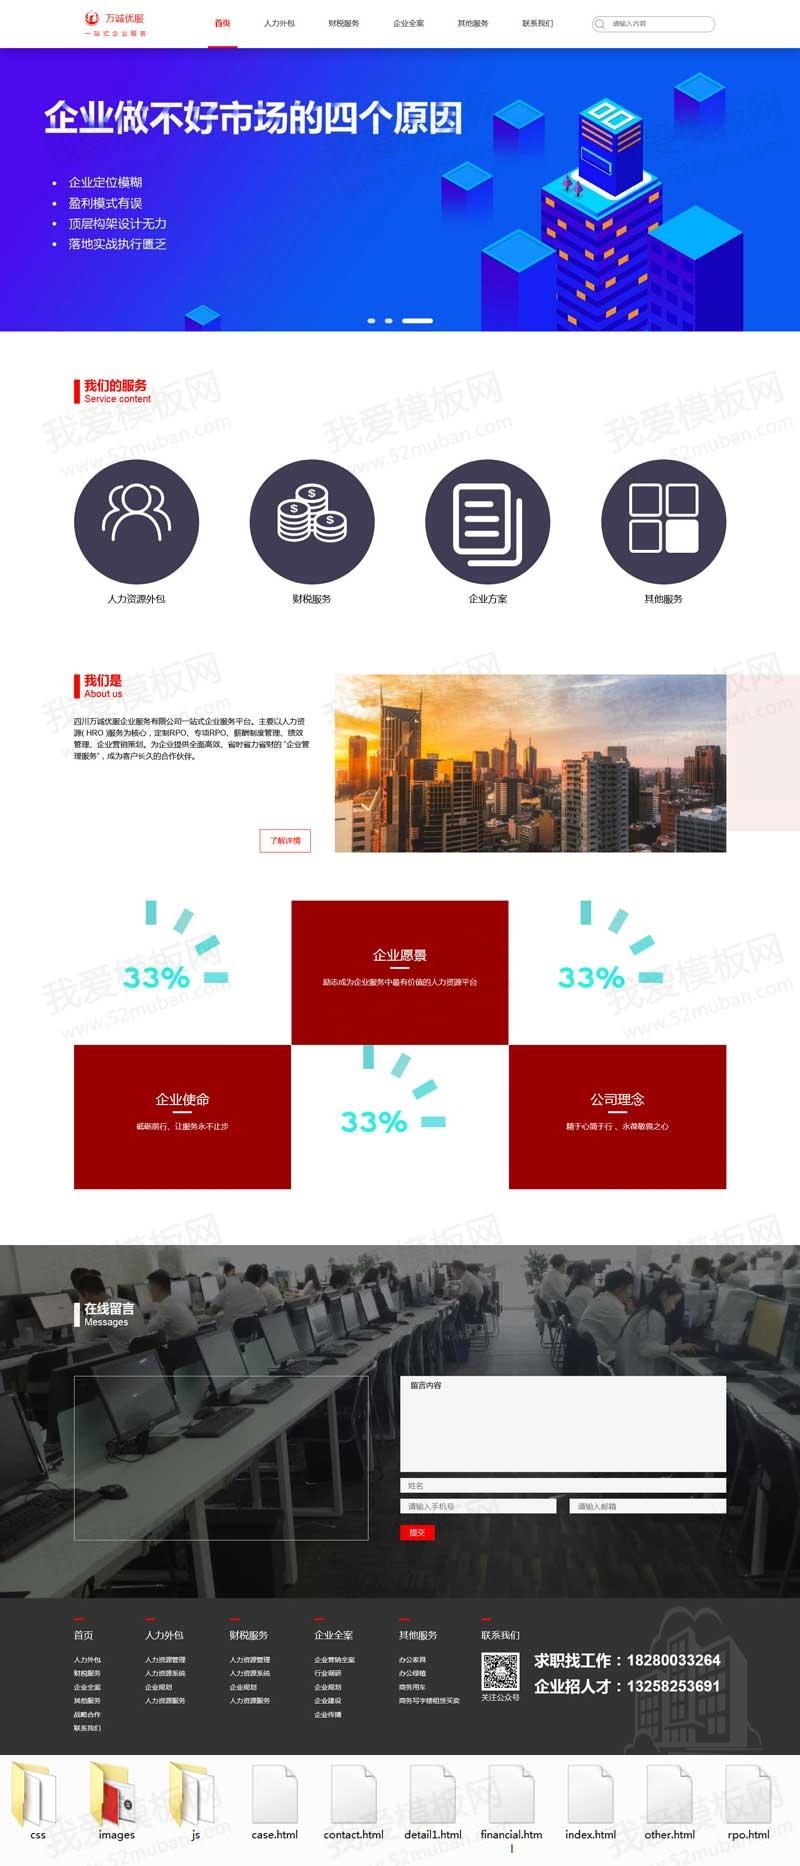 企业人力财务管理官网html模板